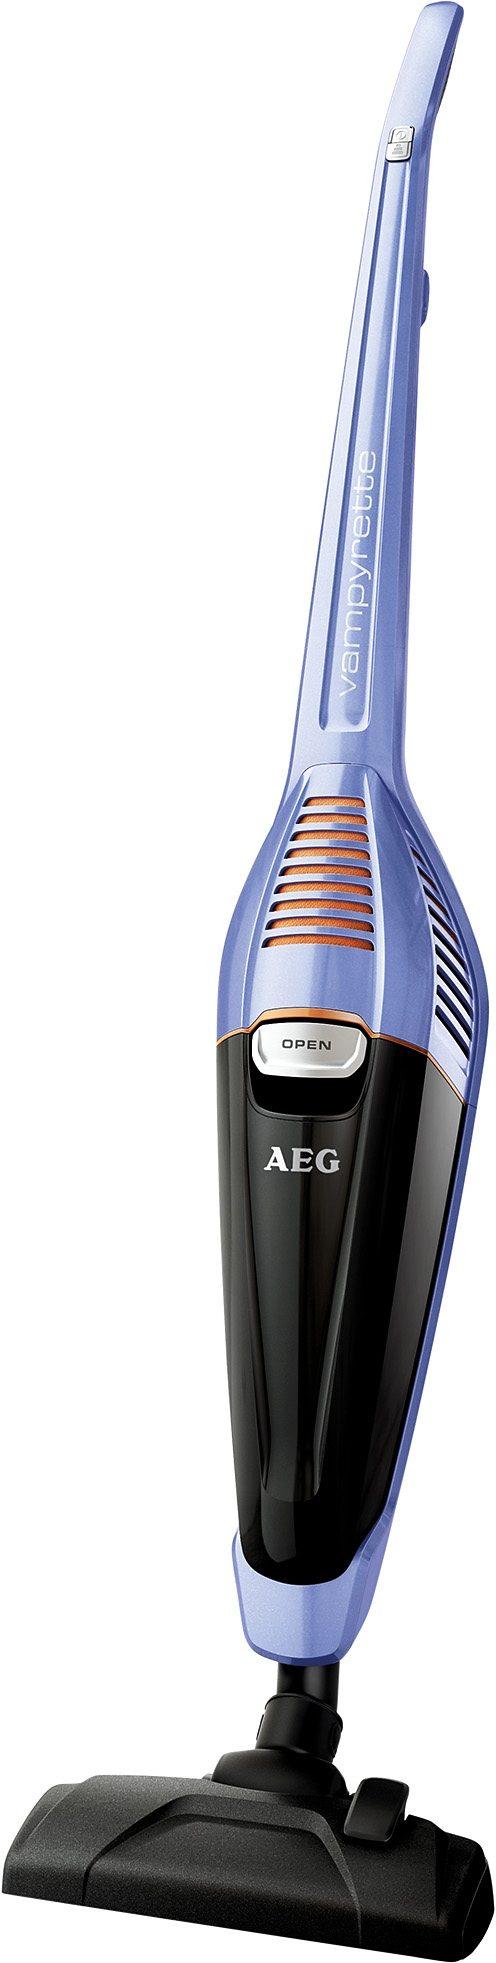 AEG Handstaubsauger mit Kabel VAMPYRETTE® AVBG300, C, Steel Blue Metallic